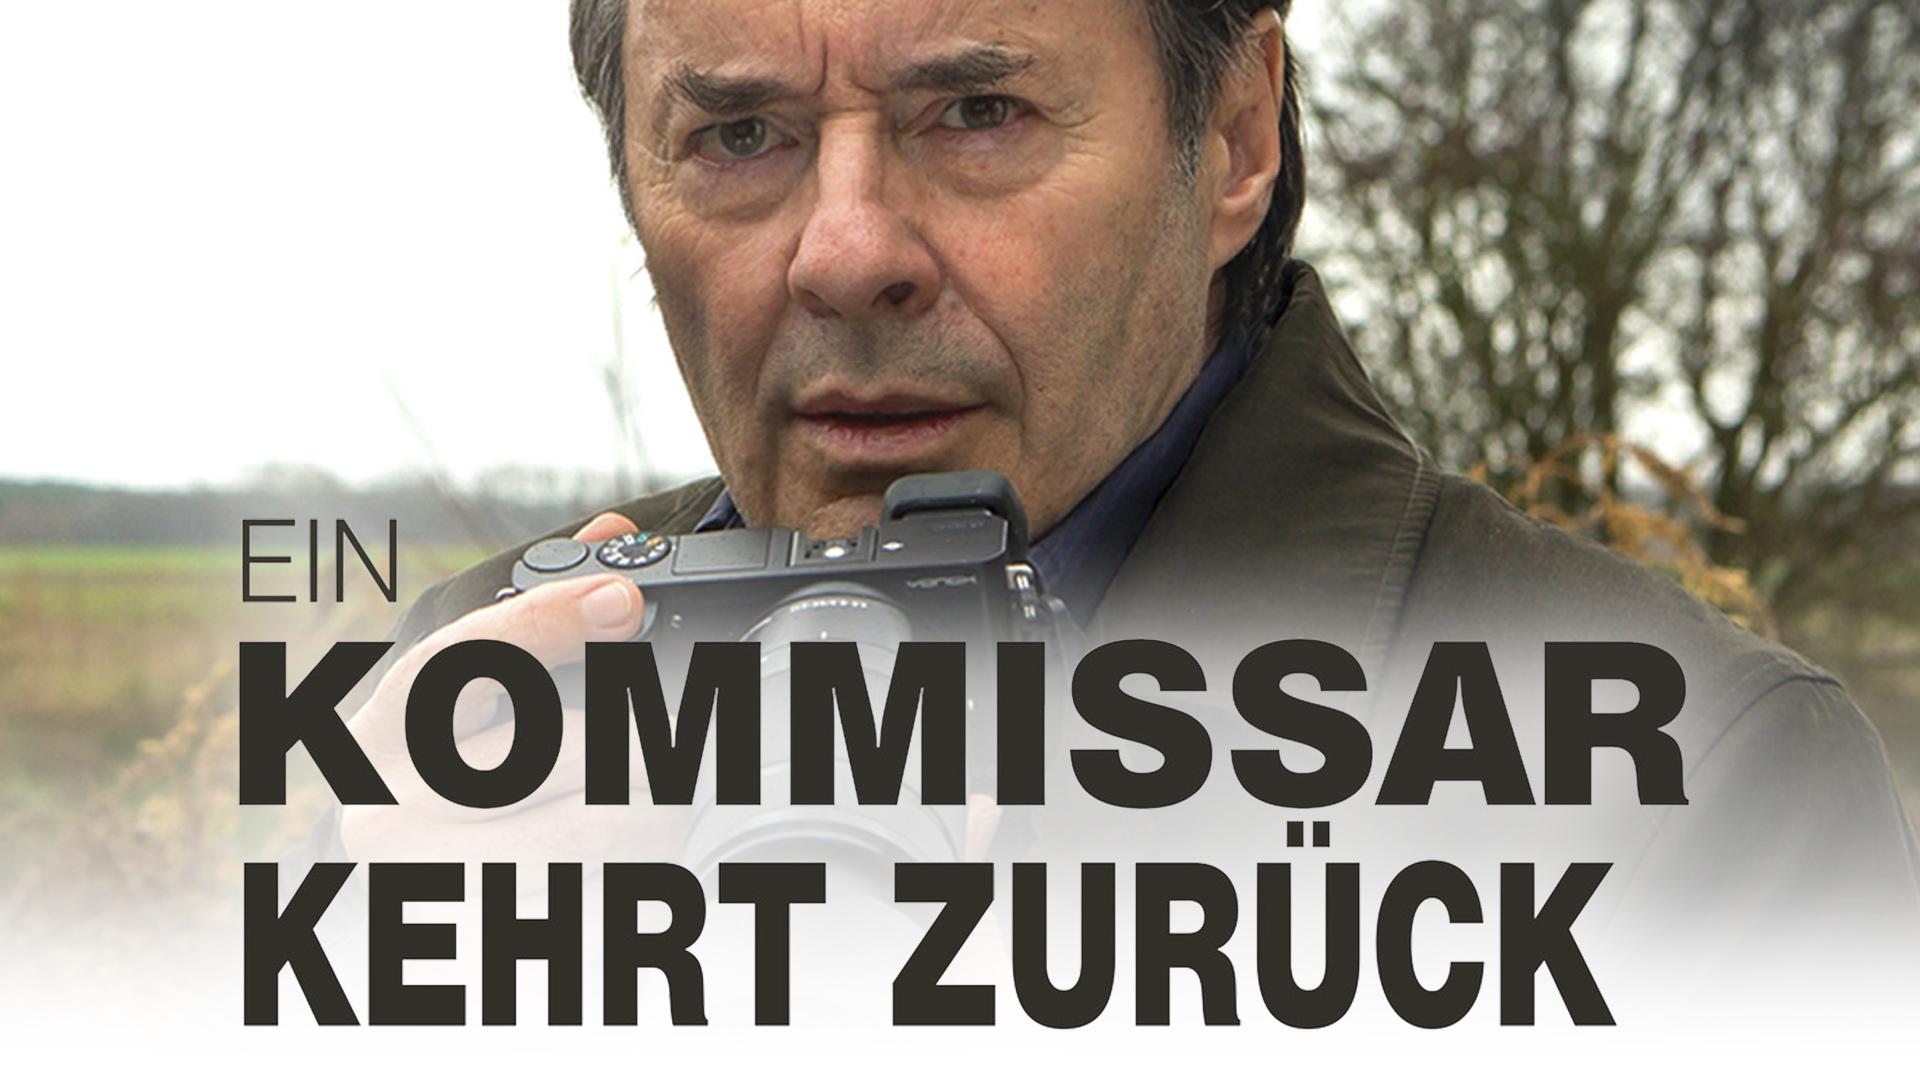 Ein Kommissar kehrt zurück